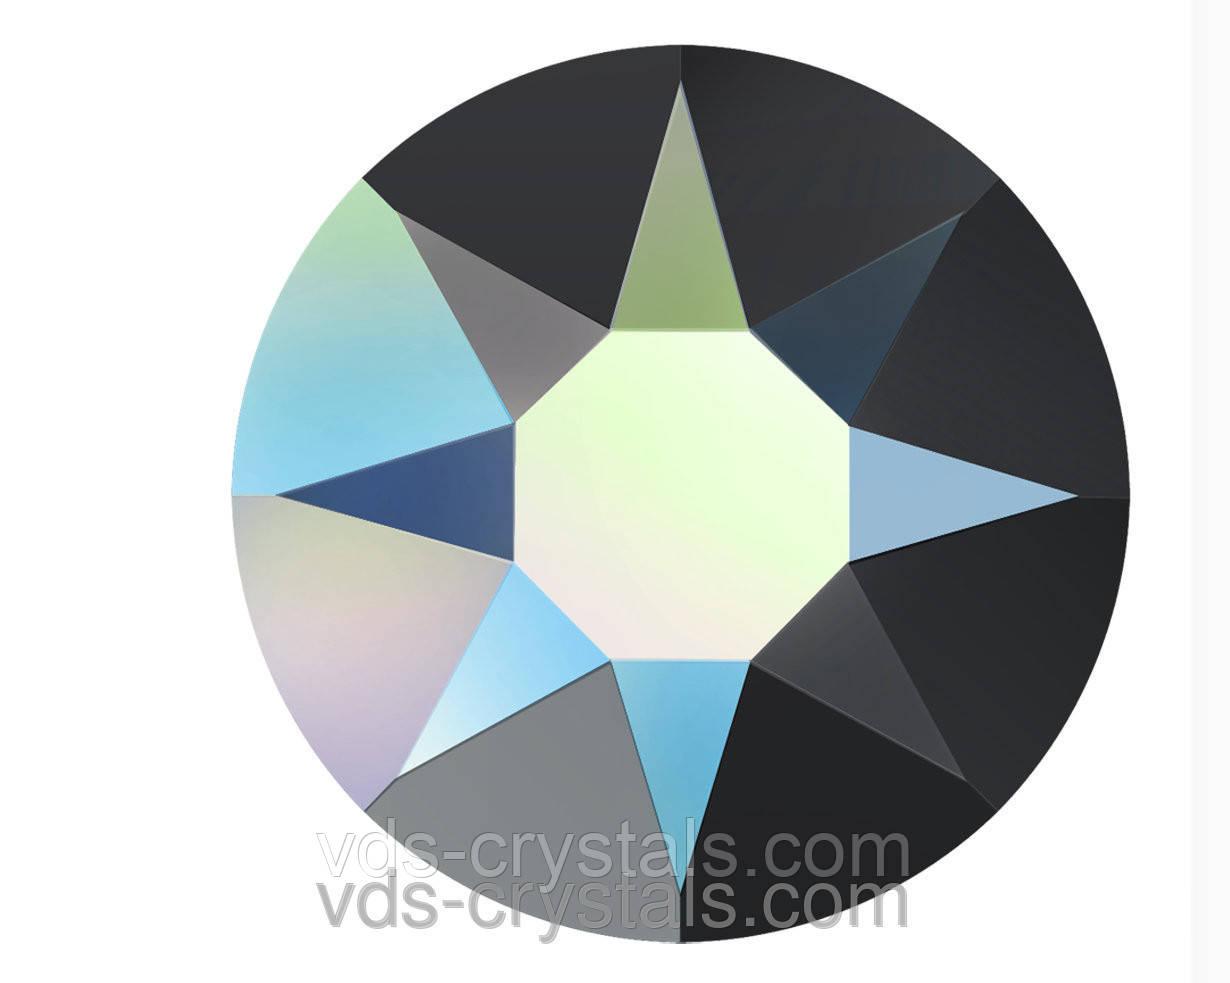 Камені Сваровські клейові холодної фіксації 2088 Jet AB 12ss (упаковка 1440 шт)